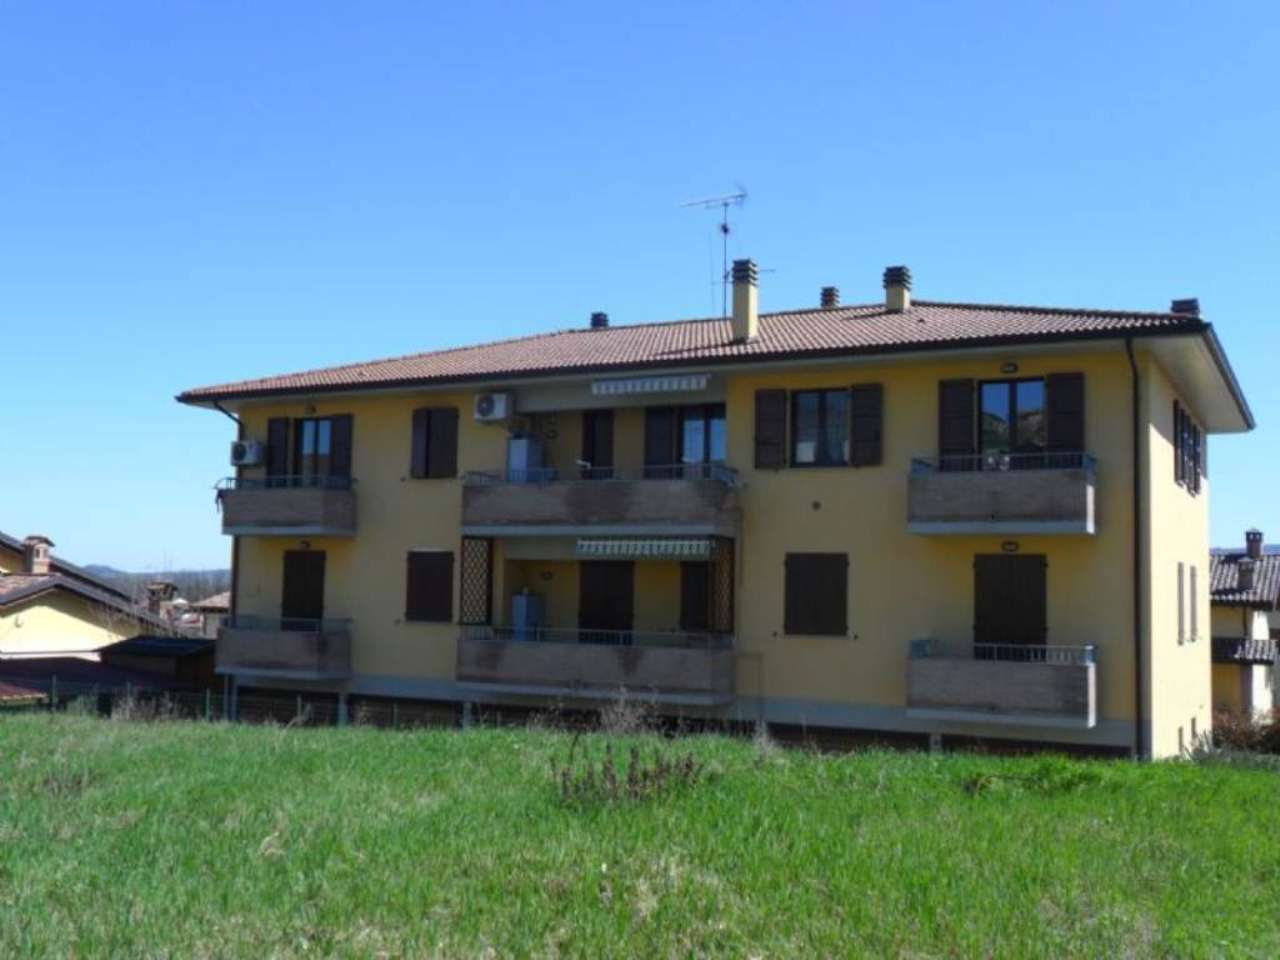 Appartamento in vendita a Medesano, 3 locali, prezzo € 125.000 | Cambio Casa.it